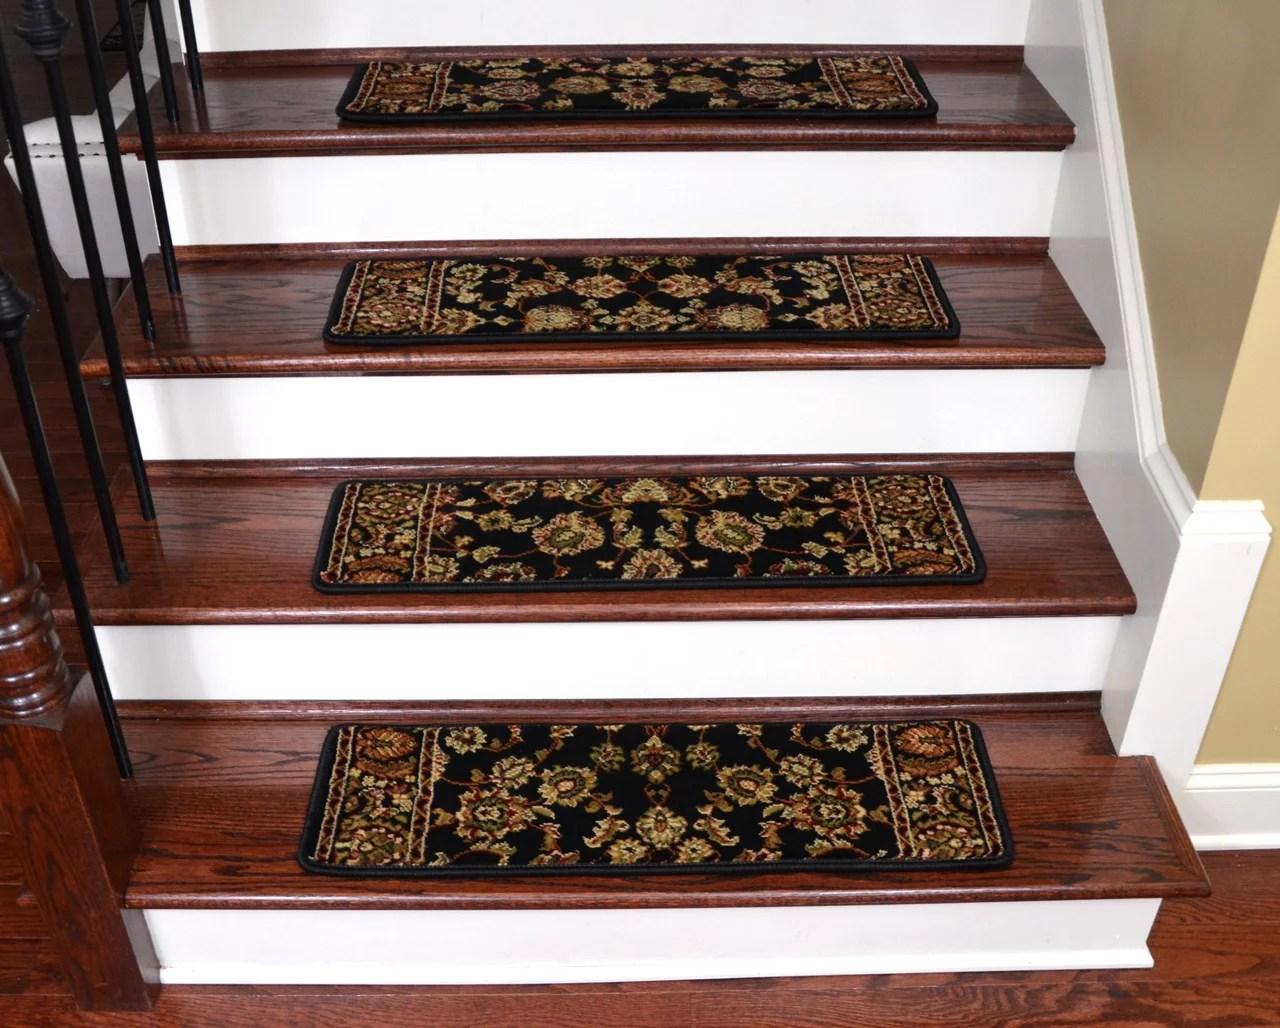 Dean Non Slip Pet Friendly Premium Carpet Stair Treads Elegant   Dean Non Slip Stair Treads   Friendly Diy   Landing Mat   Fiber Sisal   Rugs   Keshan Chocolate